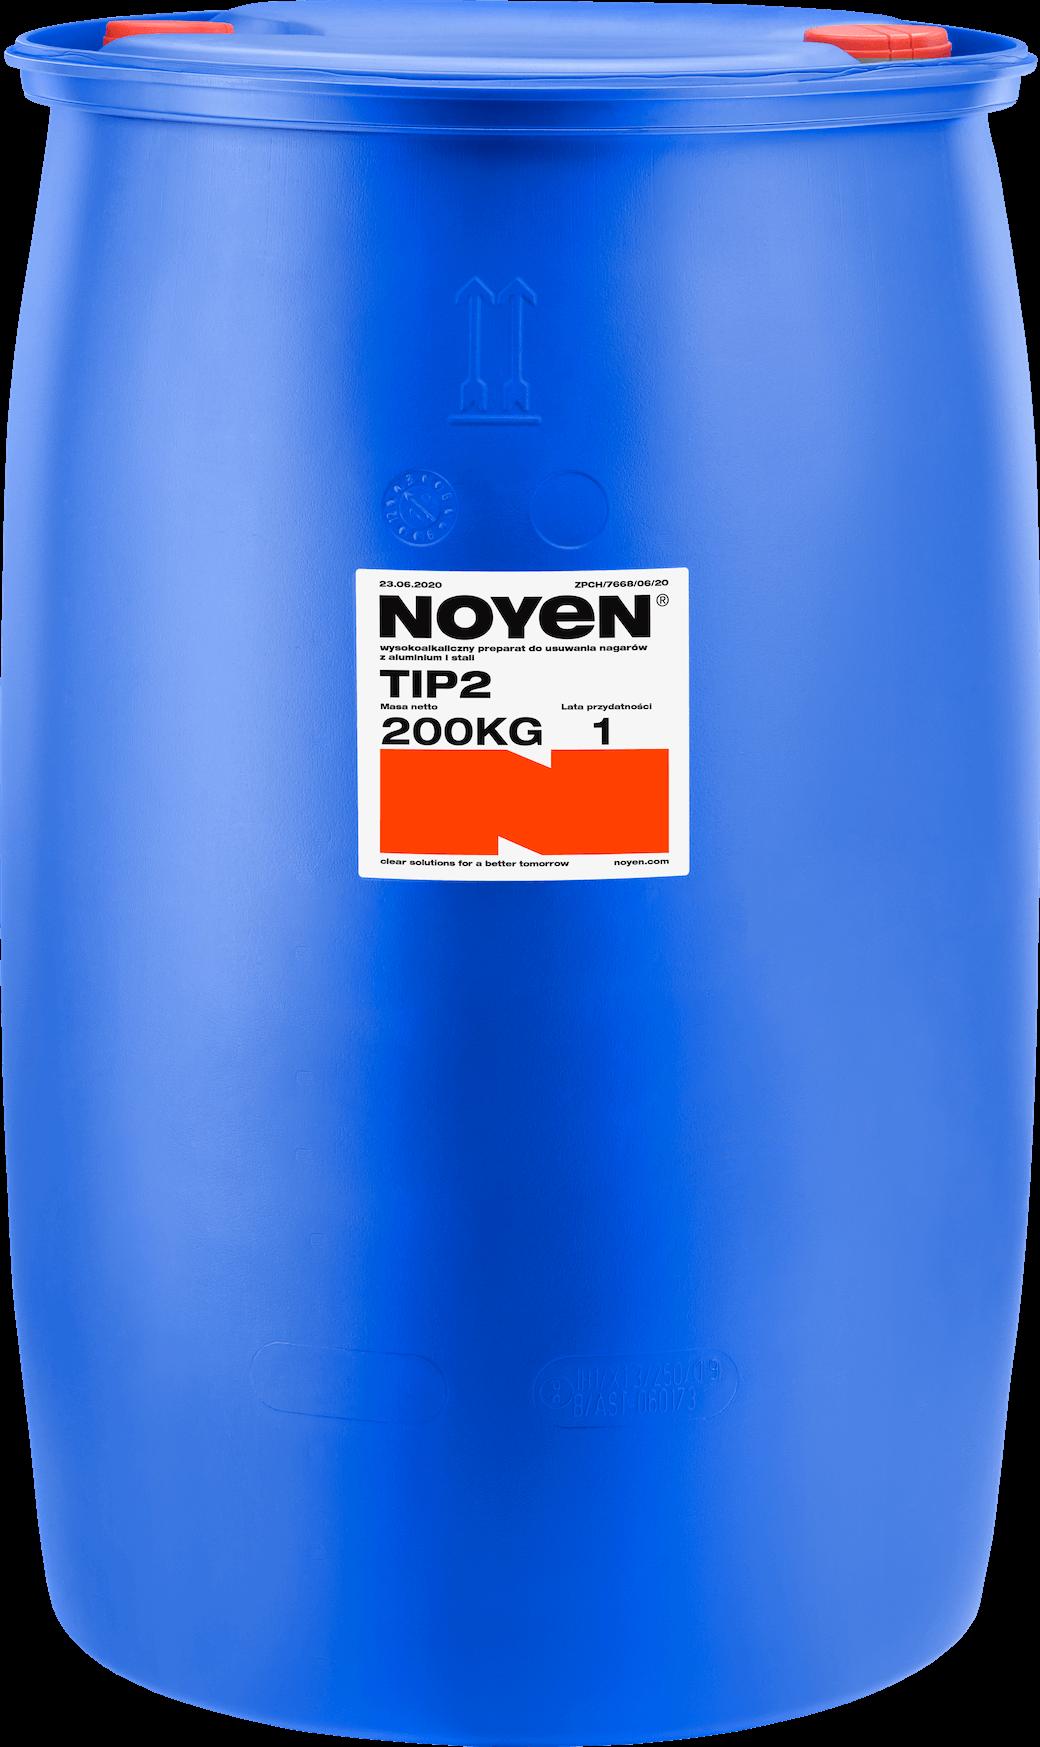 TIP2 NOYEN 200 KG wysokoalkaiczny preparat do usuwania nagarów z aluminium i stali w niebieskiej beczce